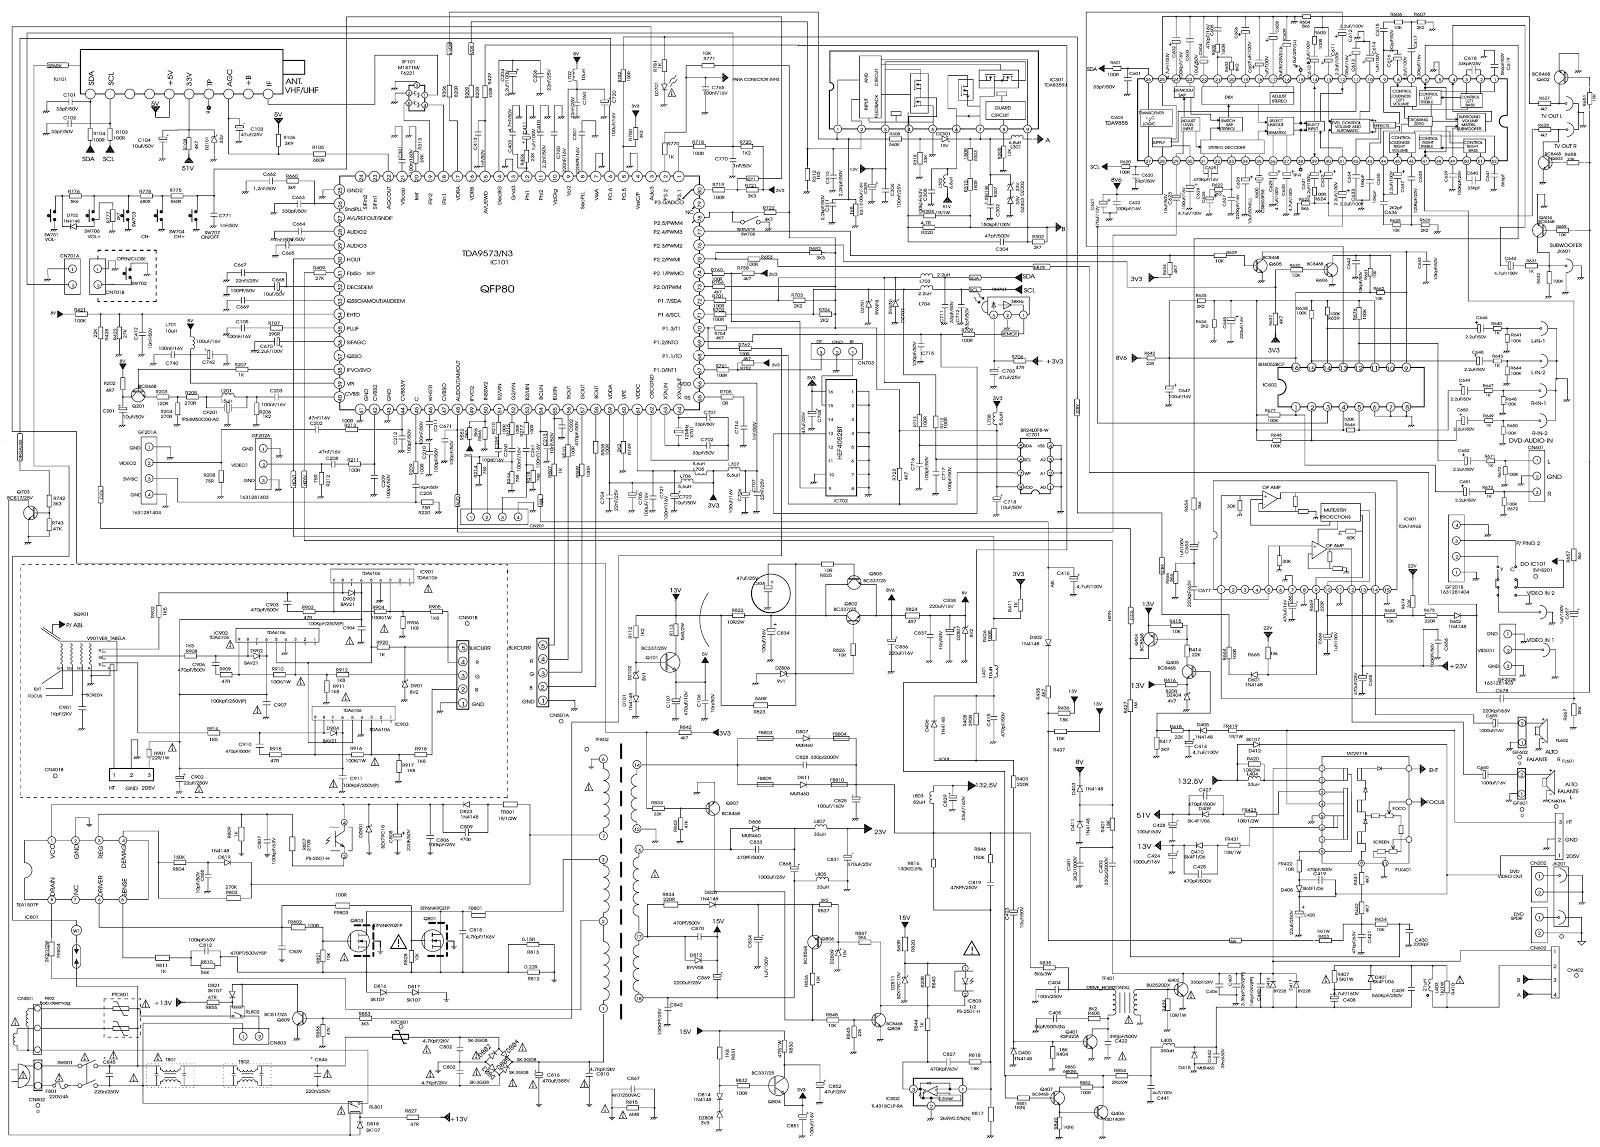 colour tv circuit diagram the wiring diagram color tv circuit diagram usee ics tda6106 tda9573 circuit diagram